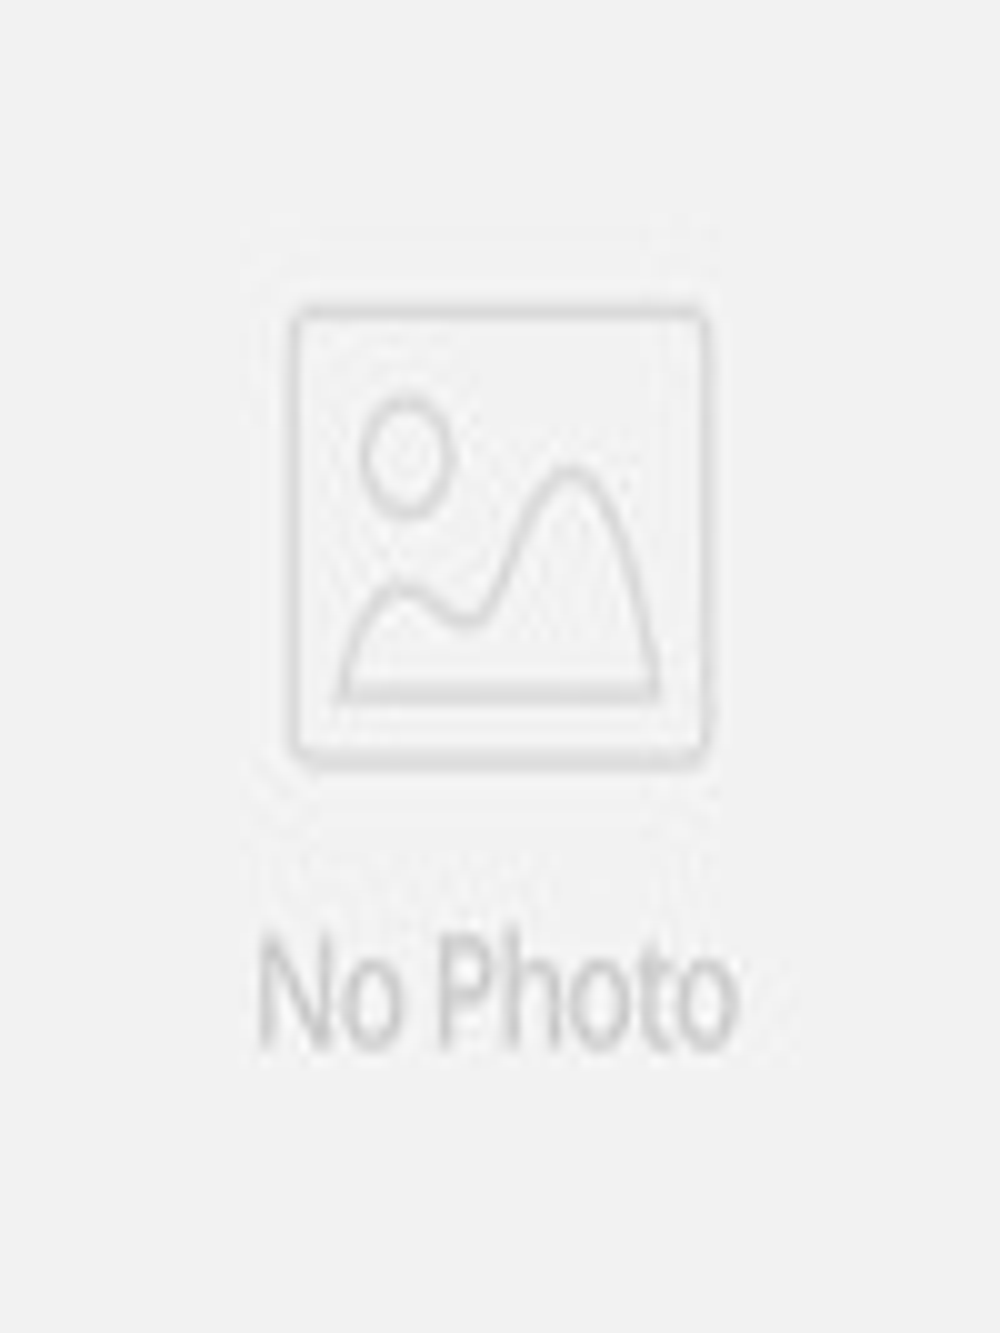 nova chegada 2014 foto real ouro fenda halter sexy completa sequines trompete backless feitos alta qulity(China (Mainland))